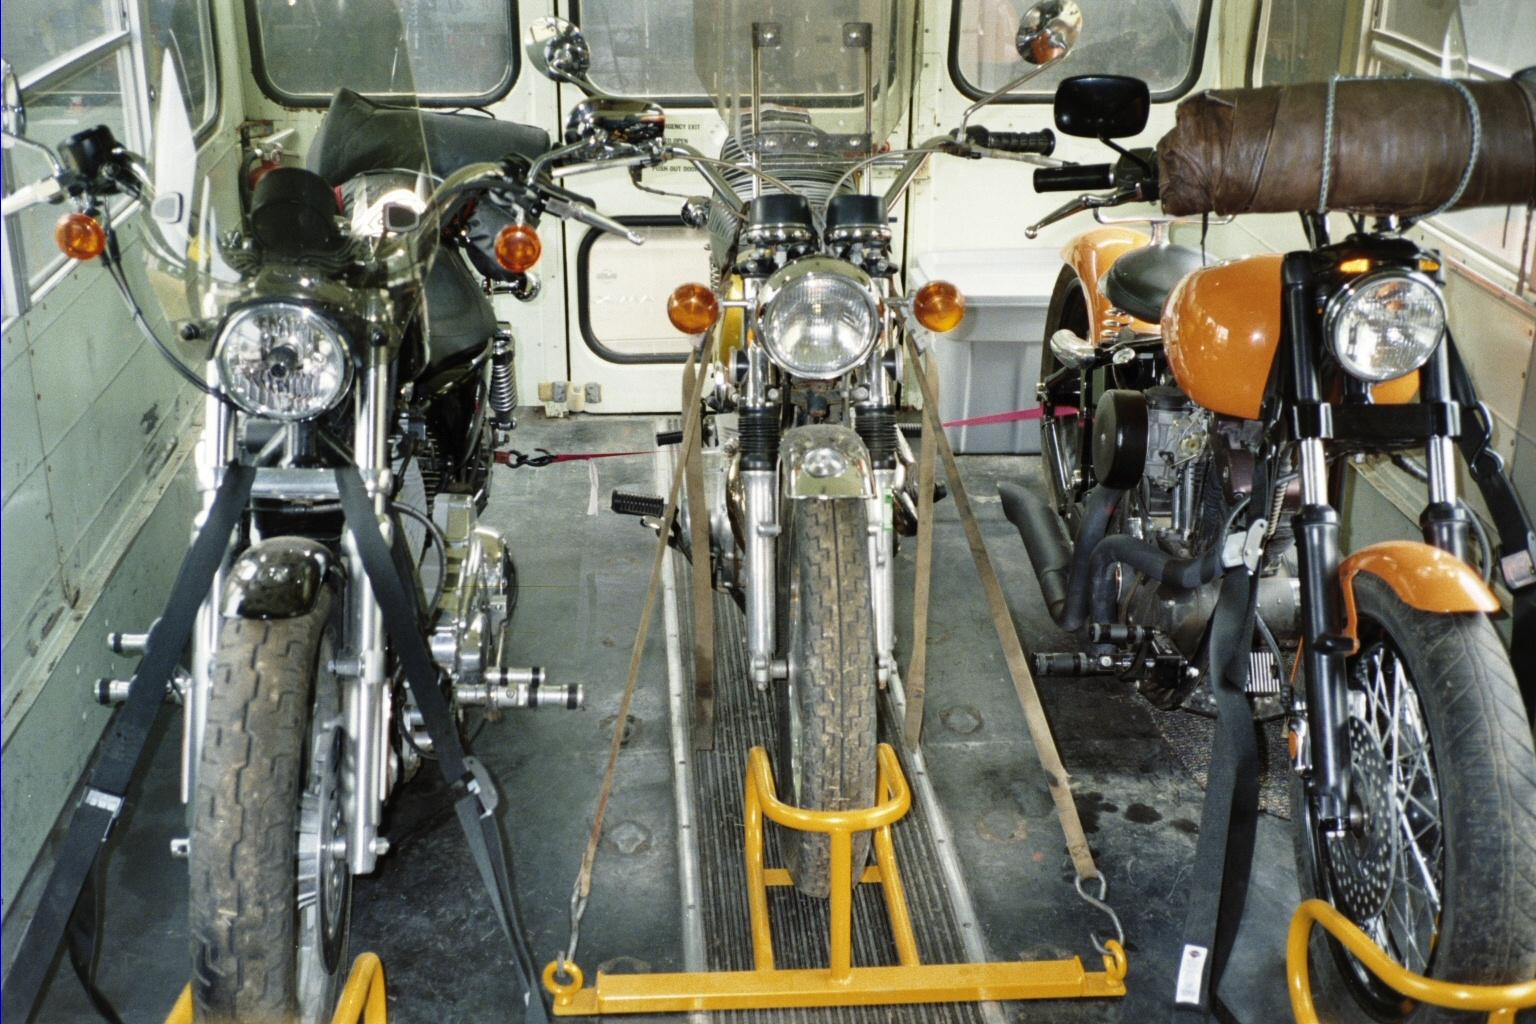 bikes%20in%20back